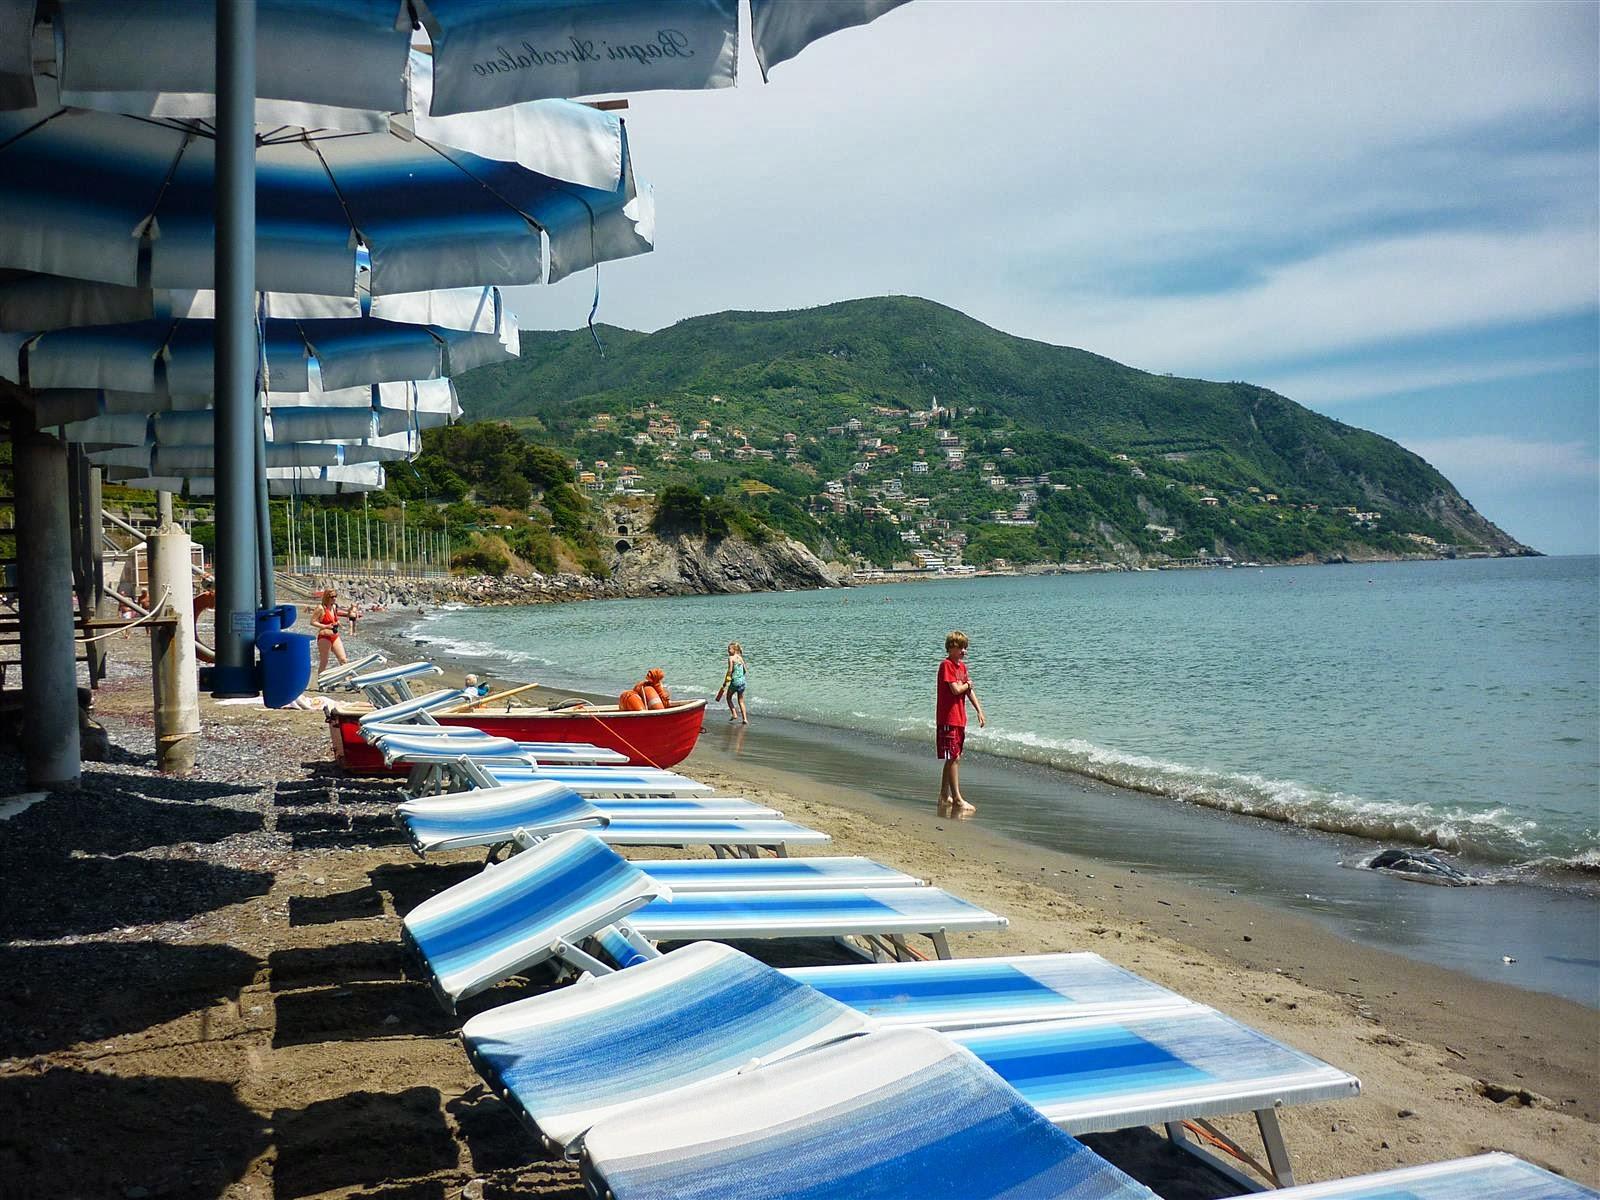 http://www.justdog.it/show/public/poi/0274/274689/547089.jpg/Ristorante/ristorante-bagni-arcobaleno-moneglia-4.aspx